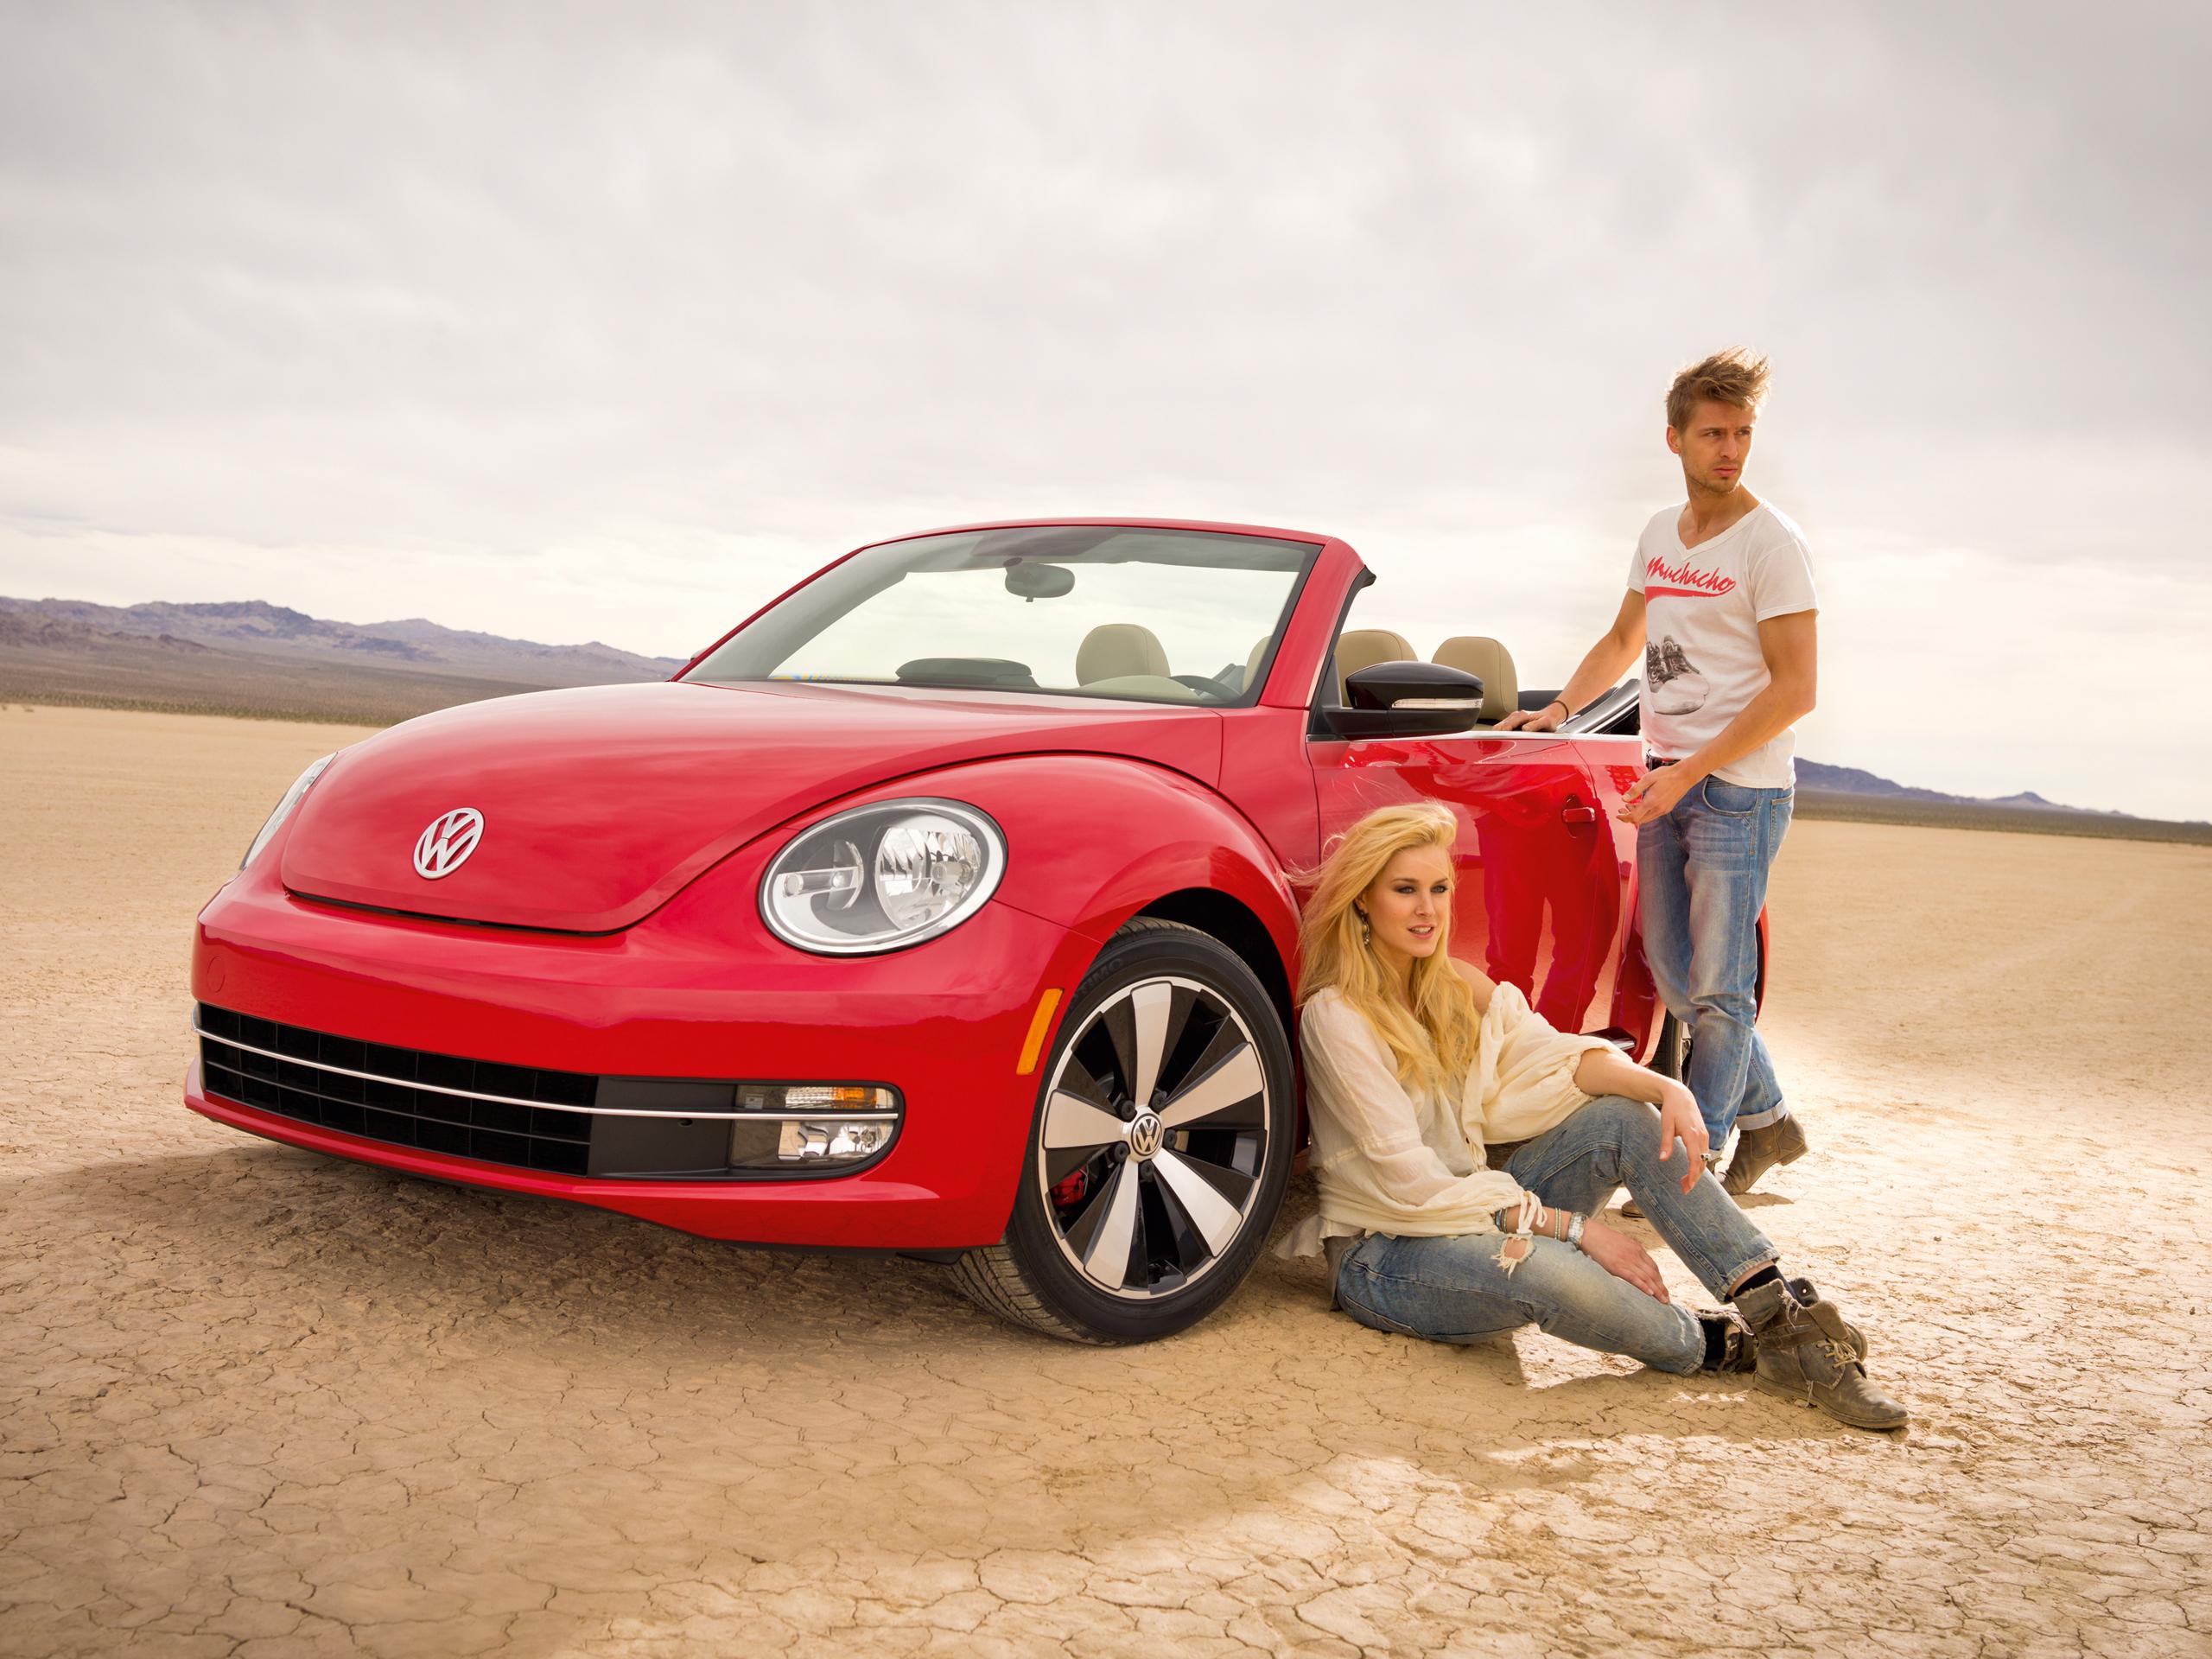 vw beetle cabriolet 2013 preis l a auto show 2012. Black Bedroom Furniture Sets. Home Design Ideas